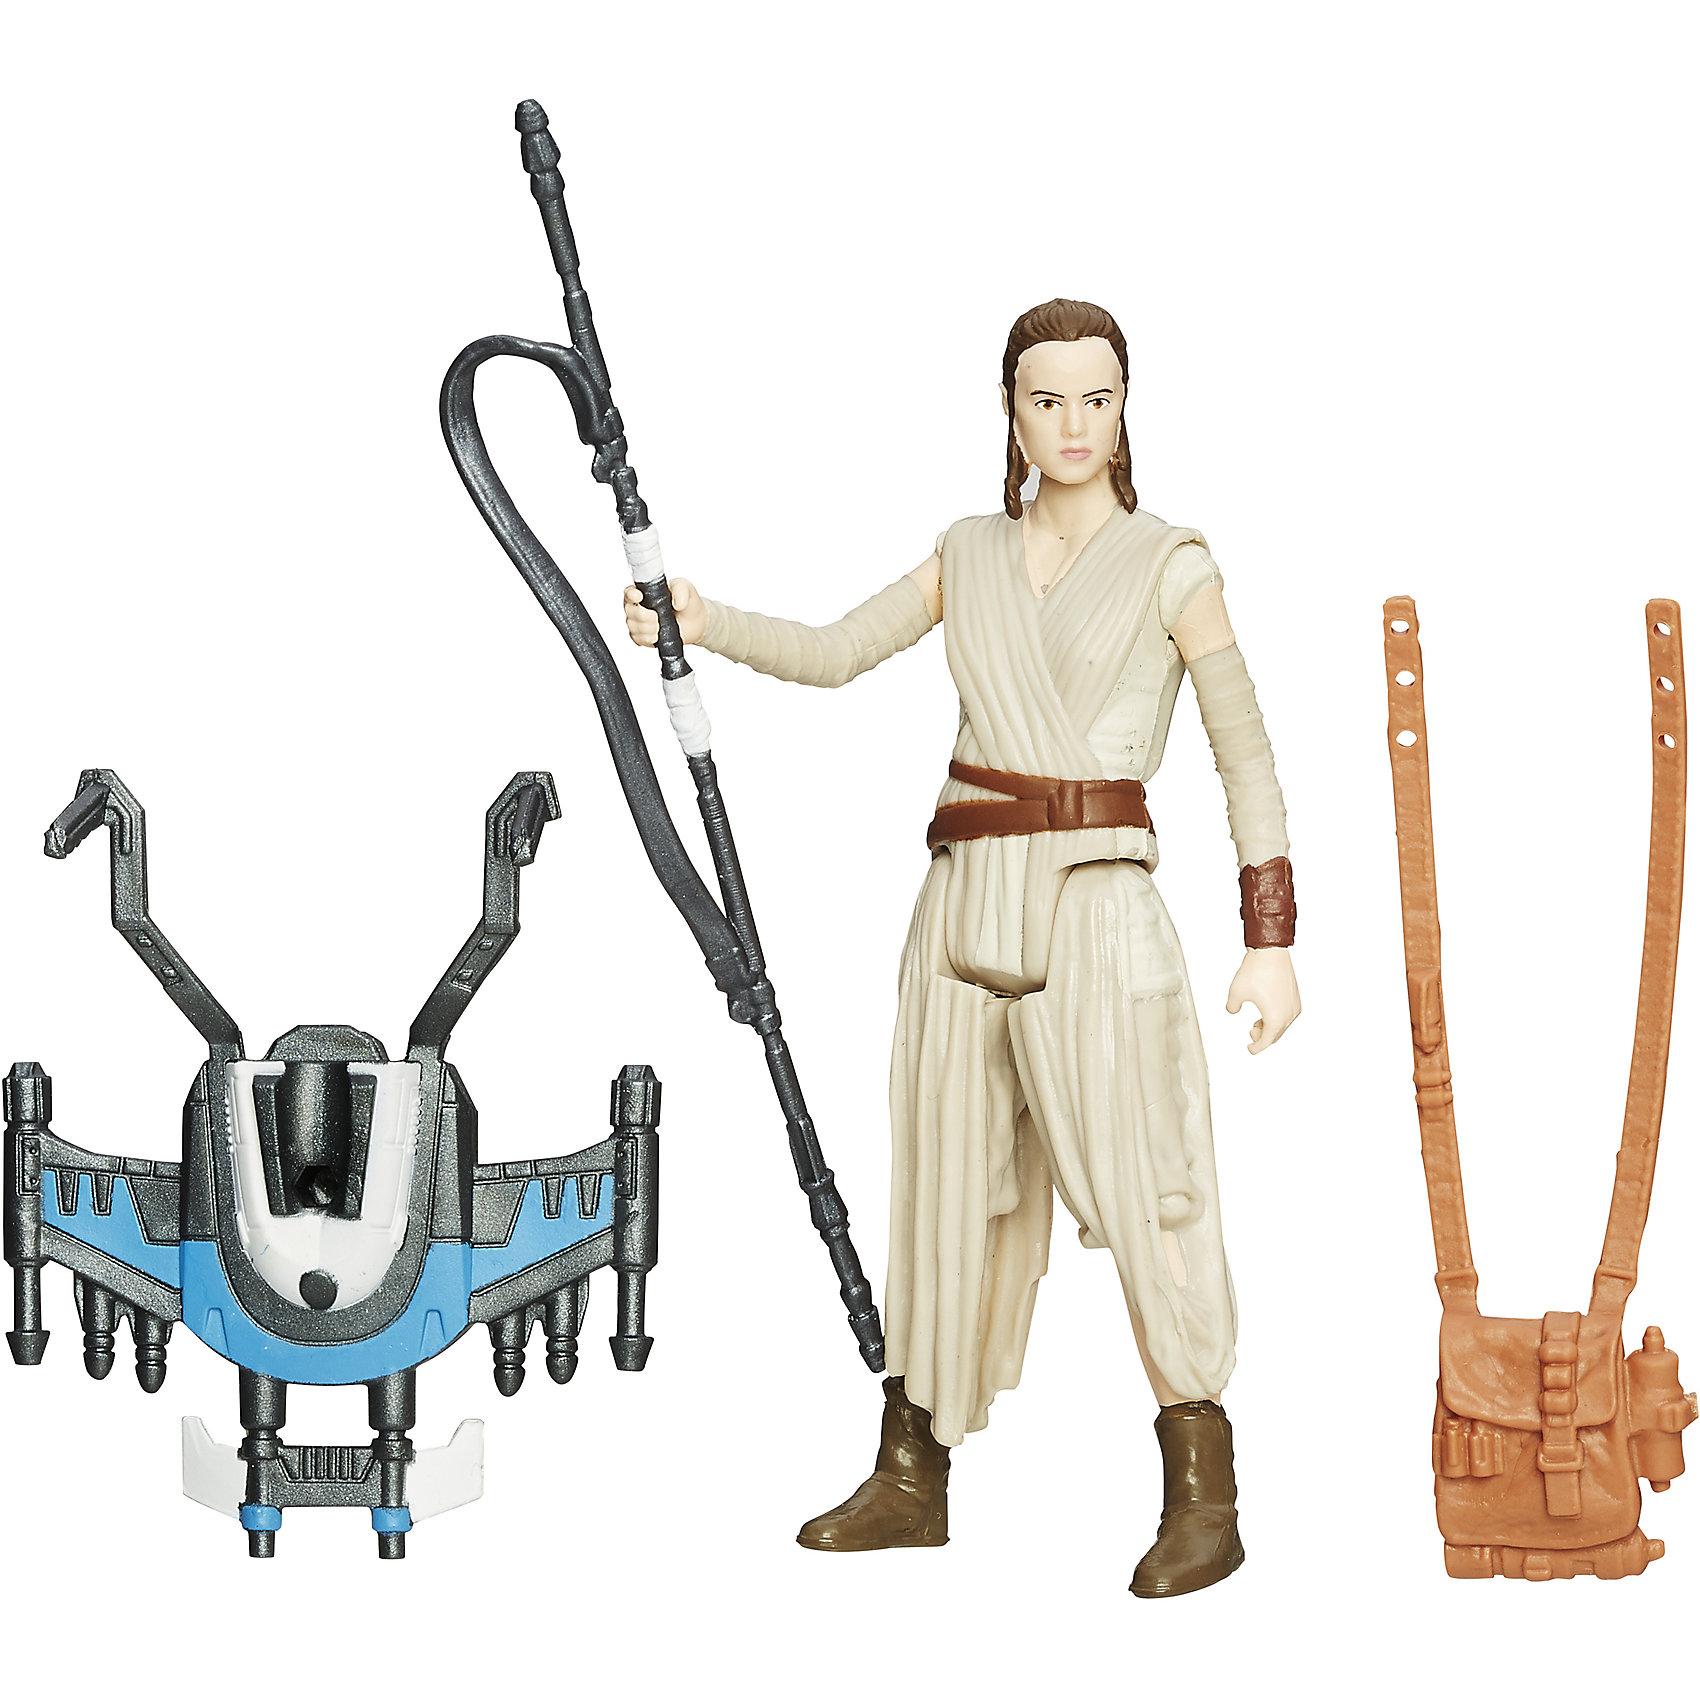 Фигурка вселенной (Пустыня/ Снег), Звездные Войны, РэйКоллекционные и игровые фигурки<br>Фигурка вселенной (Пустыня/ Снег), Звездные Войны, Рэй, Hasbro, станет приятным сюрпризом для Вашего ребенка, особенно если он является поклонником популярной фантастической киносаги Star Wars. <br><br>В каждый набор входит фигурка участника Снежной миссии или Миссии в пустыне из галактики Звездные Войны. Игрушка выполнена с высокой степенью детализации и реалистичности. Теперь можно разыгрывать по-настоящему масштабные сражения с любимыми персонажами! У фигурки подвижные части тела, что позволяет придать ей различные позы. К каждому их трёх персонажей одной миссии прилагается оригинальное оружие и составная часть сборного оружия. Собрав и соединив все три детали между собой, можно получить уникальный бластер. Для всех поклонников Звездных войн фигурки составят замечательную коллекцию и дополнят игры новыми персонажами.  <br><br>Дополнительная информация: <br><br>- В комплекте: 1 фигурка, 1 оружие.<br>- Материал: пластик.<br>- Высота фигурки: 9,5 см.<br>- Размер упаковки: 21 х 3 х 14 см.<br>- Вес: 50 гр.   <br><br>Фигурку вселенной (Пустыня/ Снег), Звездные Войны, Рэй, Hasbro, можно купить в нашем интернет-магазине.<br><br>Ширина мм: 210<br>Глубина мм: 140<br>Высота мм: 37<br>Вес г: 63<br>Возраст от месяцев: 48<br>Возраст до месяцев: 96<br>Пол: Мужской<br>Возраст: Детский<br>SKU: 4803346